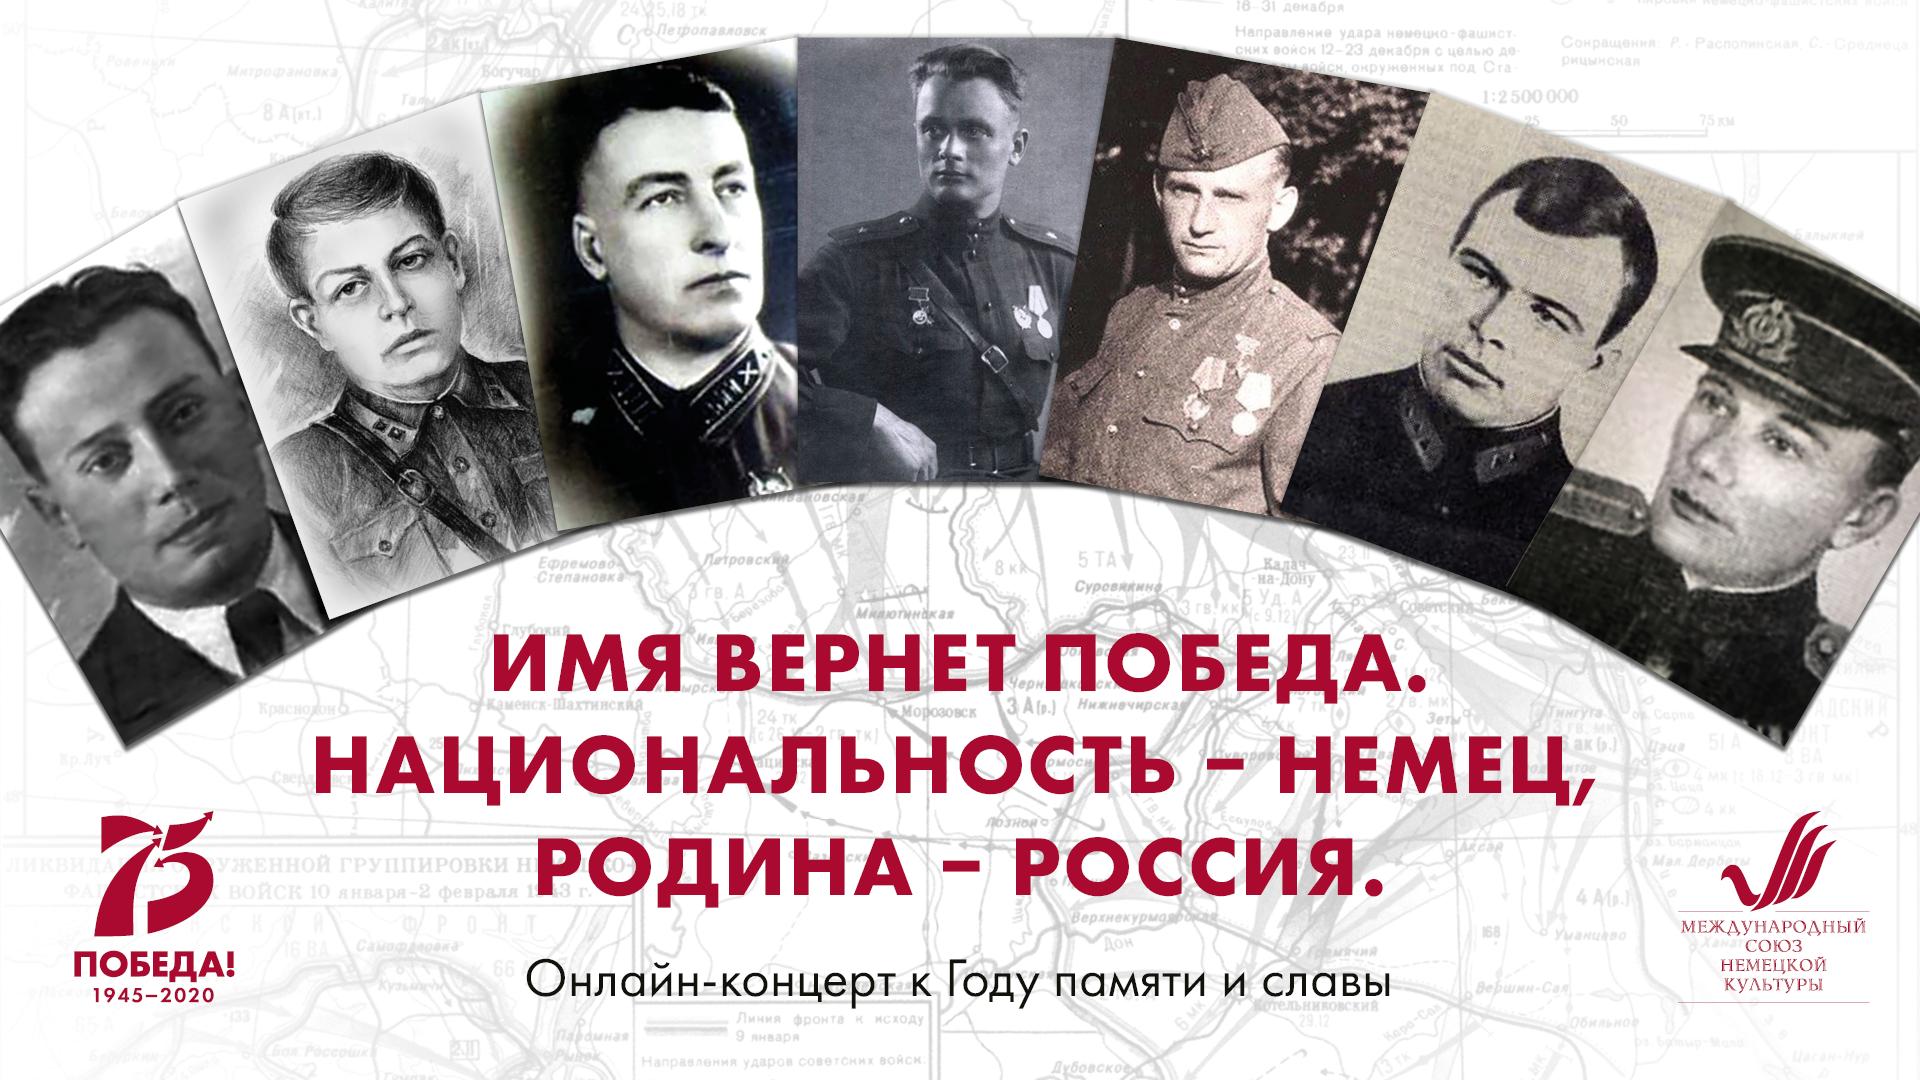 Афиша, онлайн_концерт, русские немцы